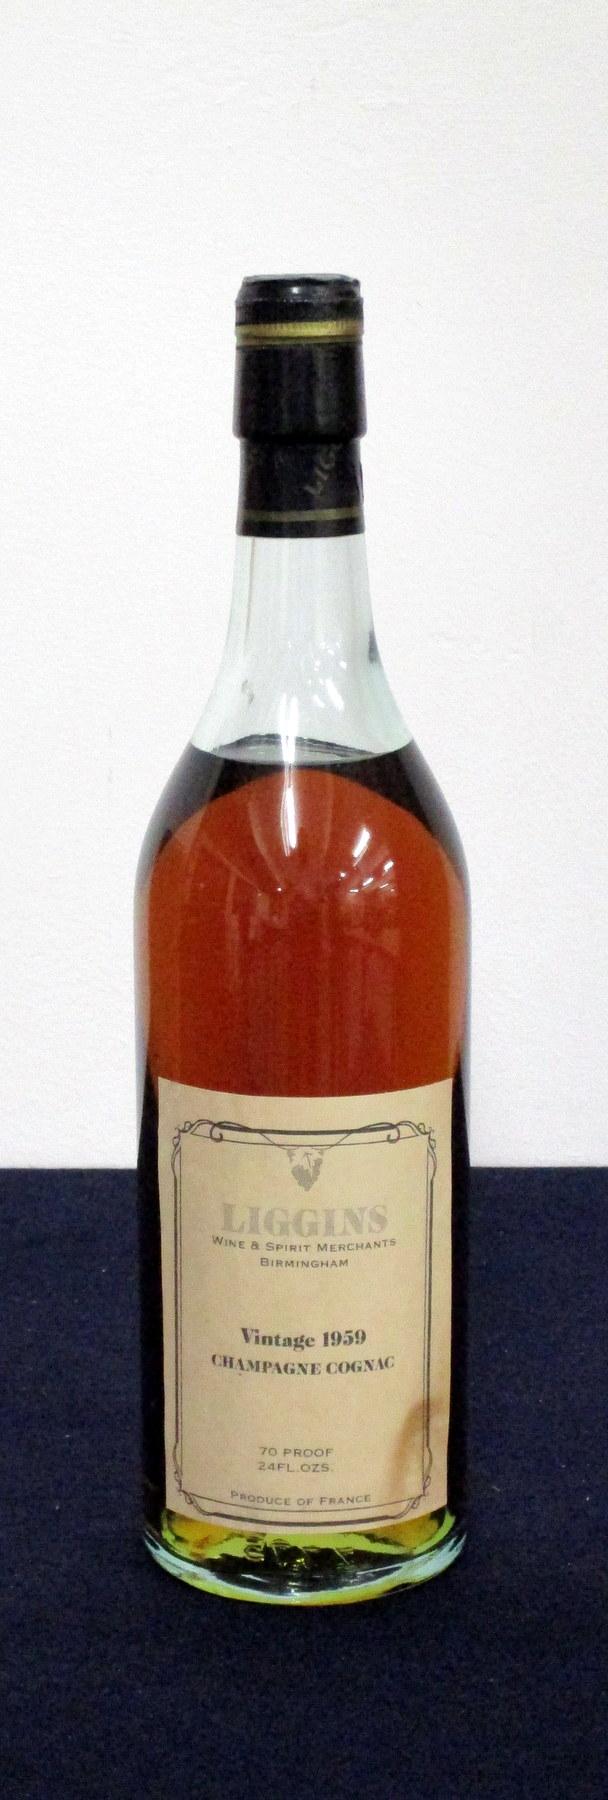 1 24-fl oz bt Liggins Vintage Champagne Cognac 1959 70° proof, ts, vsl stl